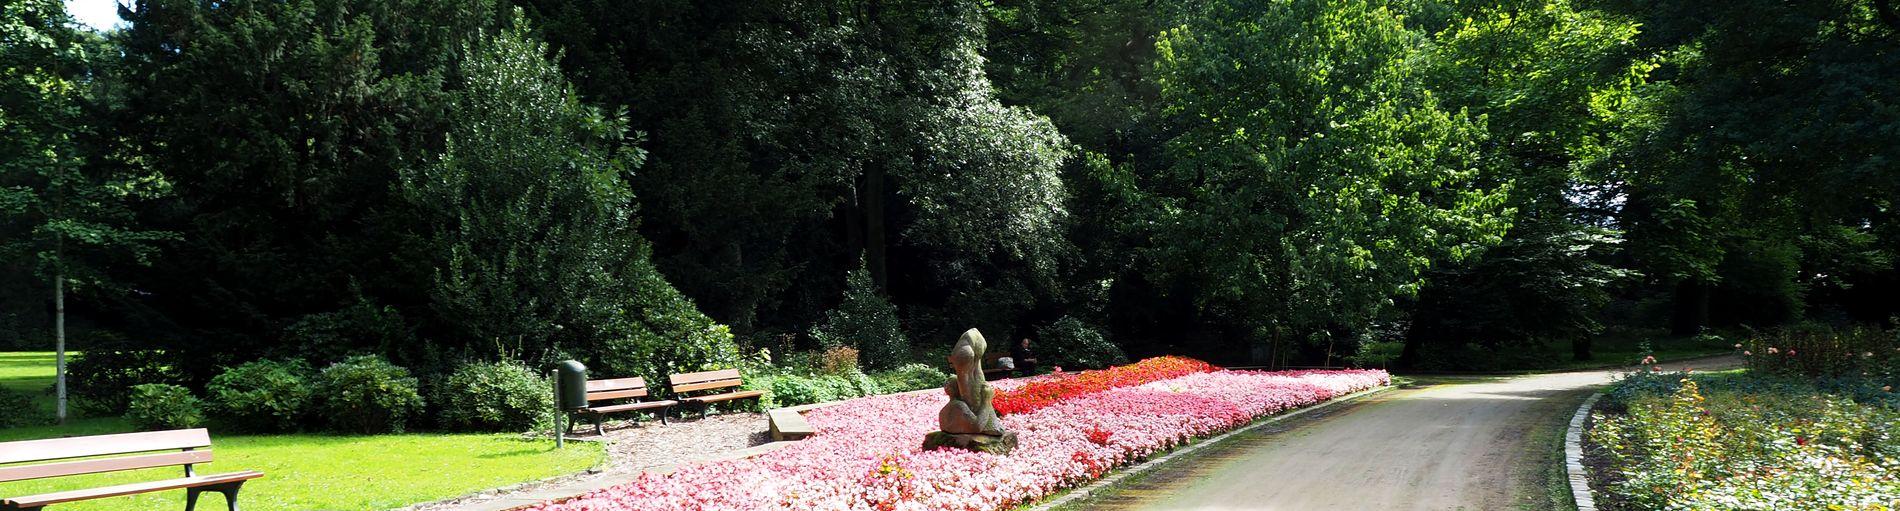 Ein Weg durch den Schlosspark in Sebaldsbrück. Links vom Weg ist ein großes Blumenbeet mit einer Statue, dahinter sind Bänke